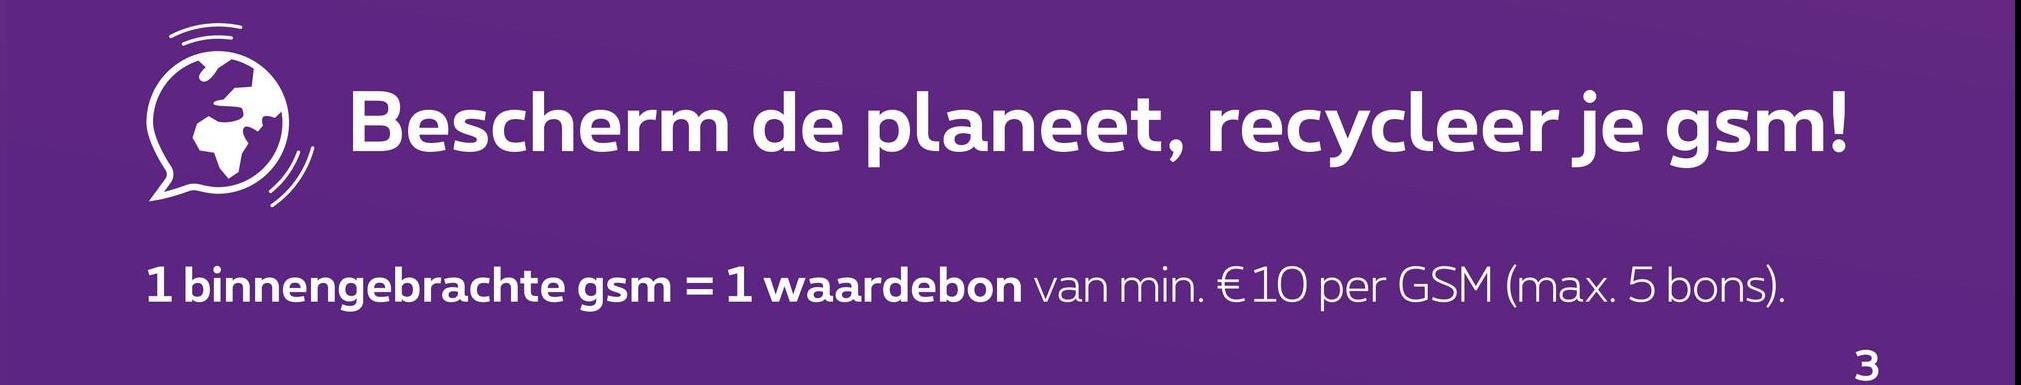 Bescherm de planeet, recycleer je gsm! 1 binnengebrachte gsm = 1 waardebon van min. €10 per GSM (max. 5 bons). 3